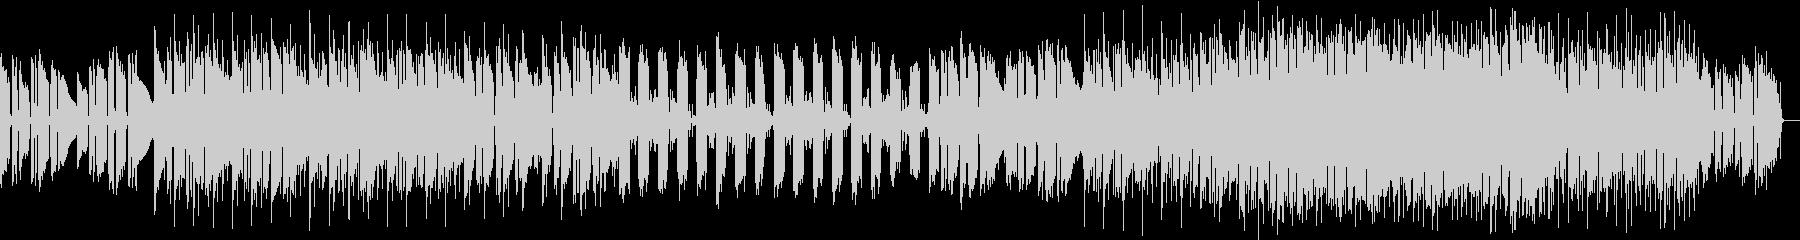 キラキラ系のBGMの未再生の波形